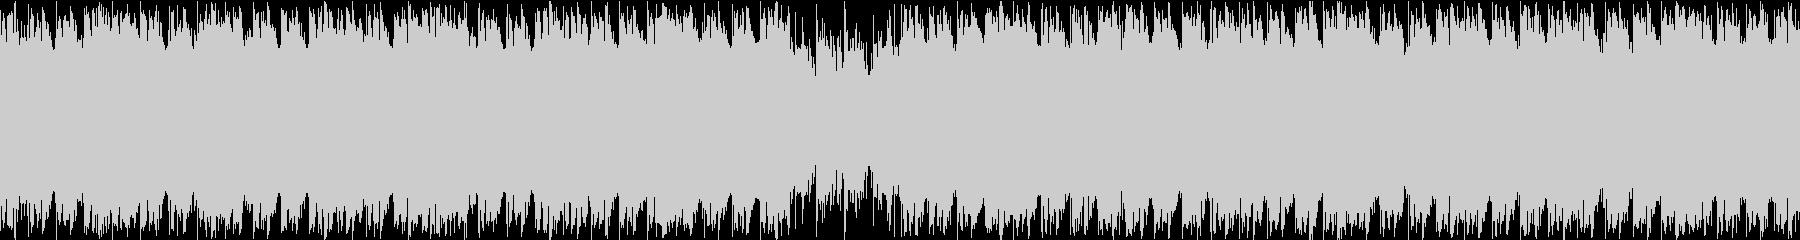 ステージ選択画面・ダンスループシンセの未再生の波形